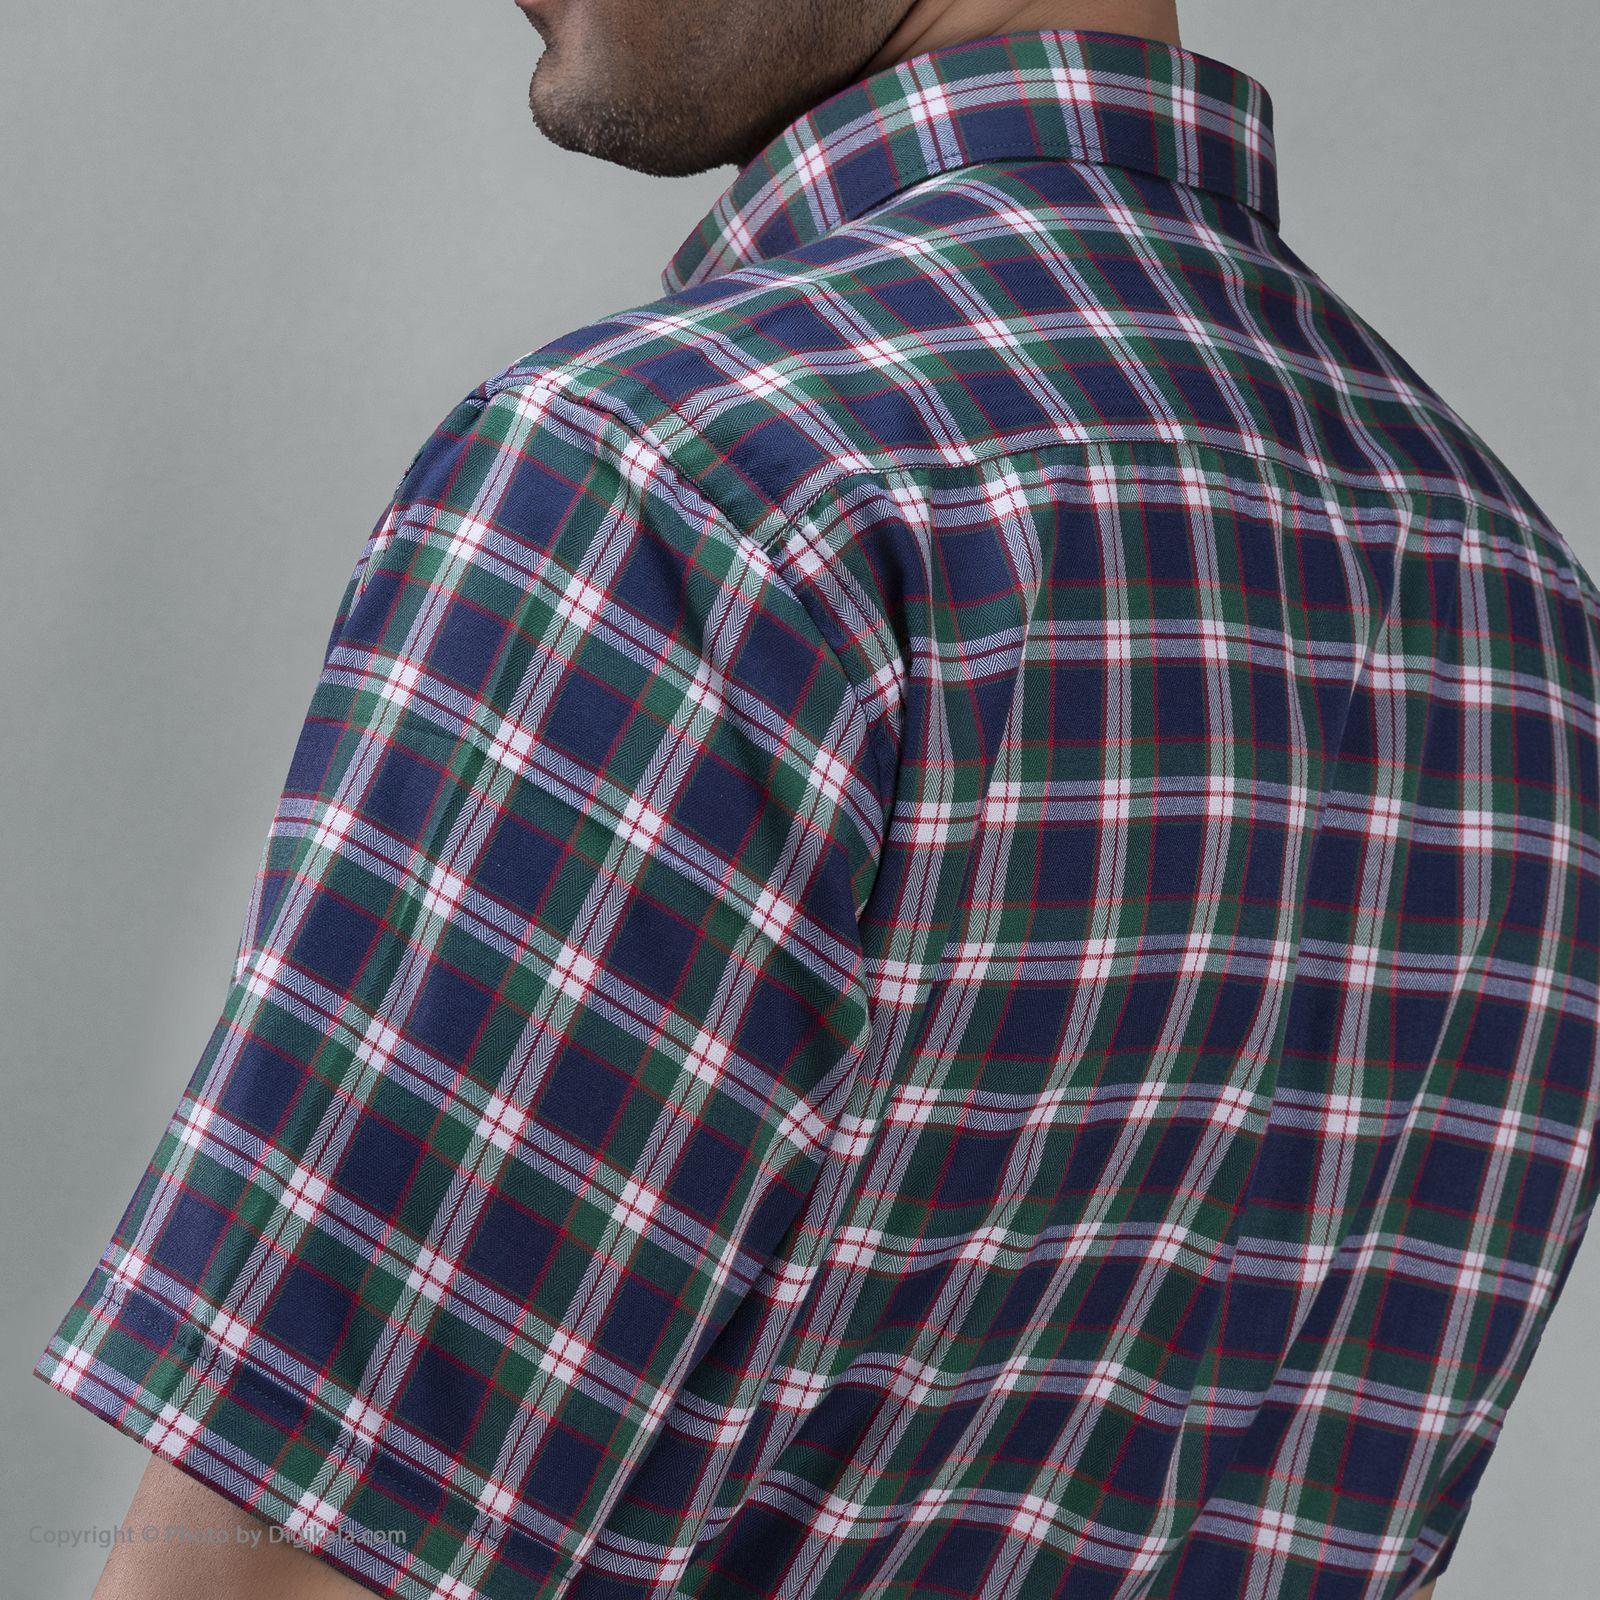 پیراهن مردانه زی مدل 1531228MC -  - 7